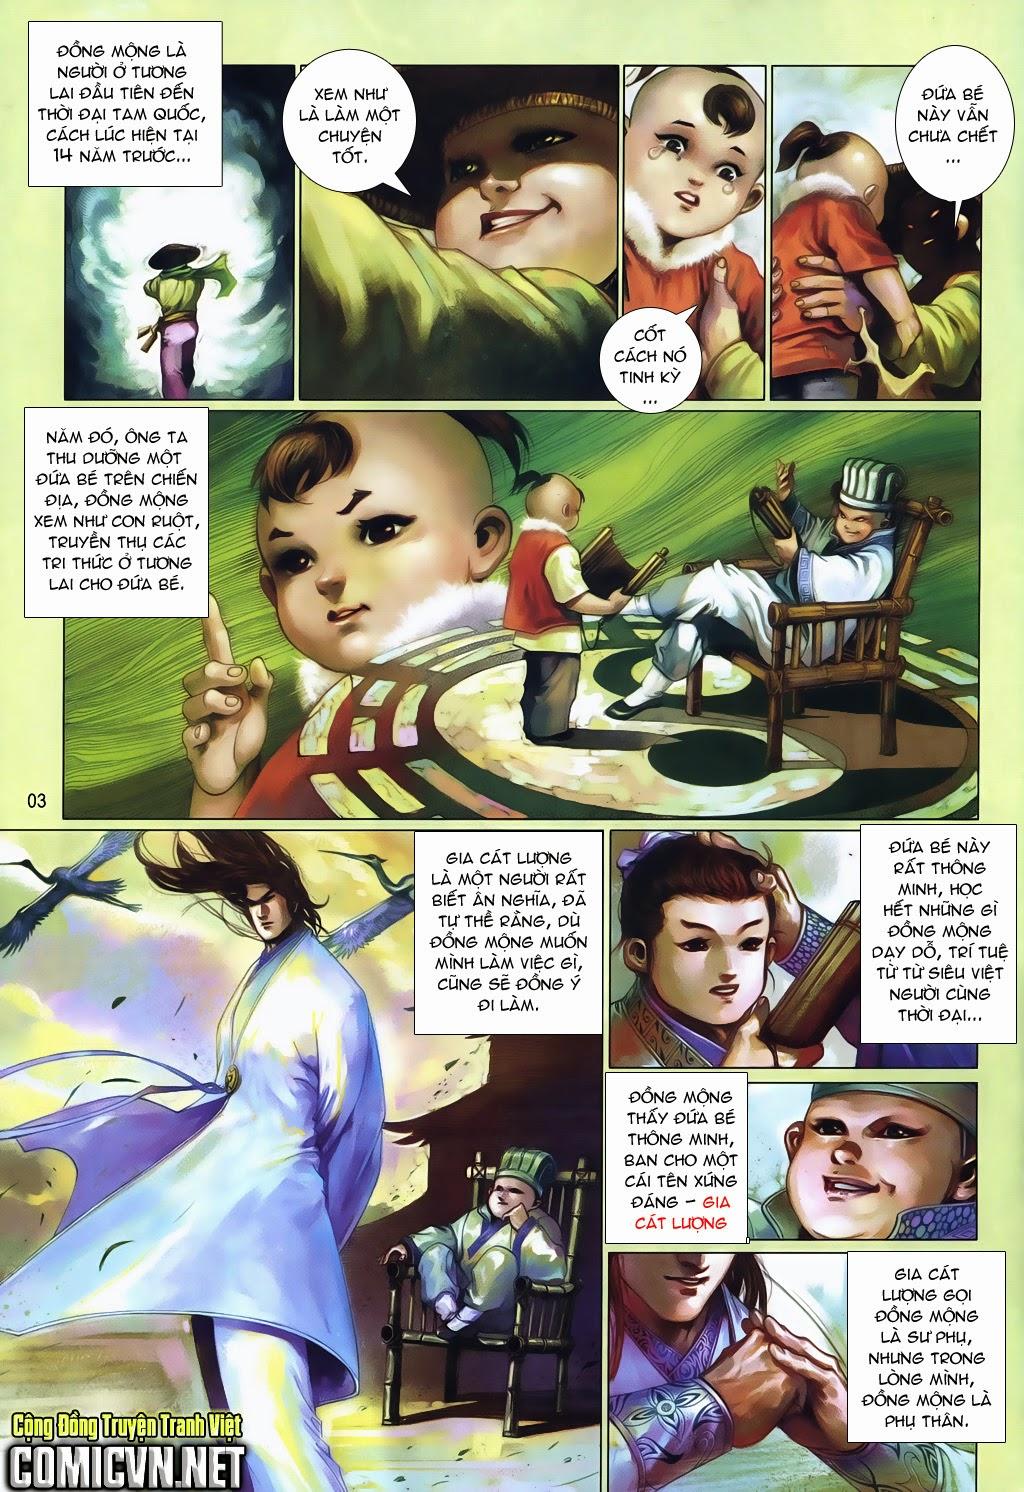 Phong Vân Tân Tác Thần Võ Ký Chap 18 - Next Chap 19